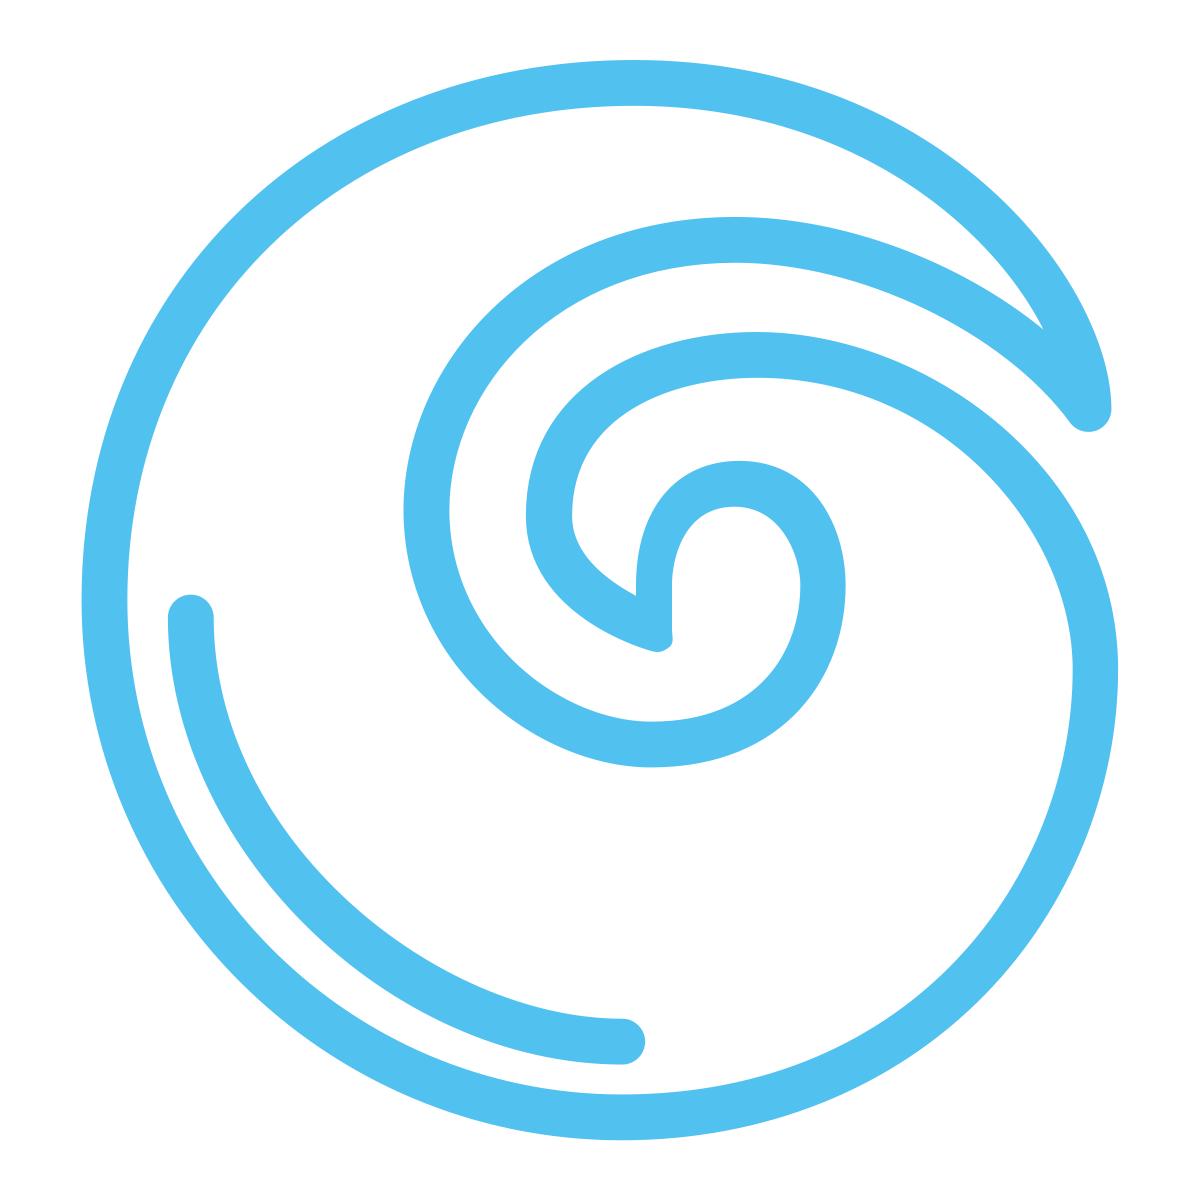 Pounami icon